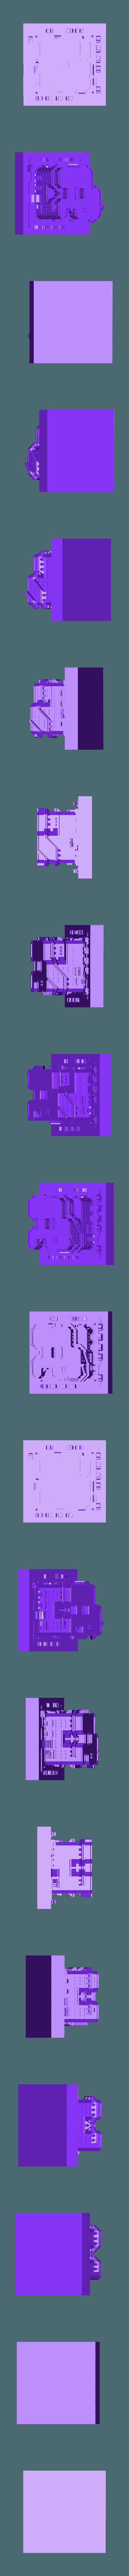 medium1.stl Télécharger fichier STL gratuit Bâtiments de procédure • Design pour impression 3D, ferjerez3d